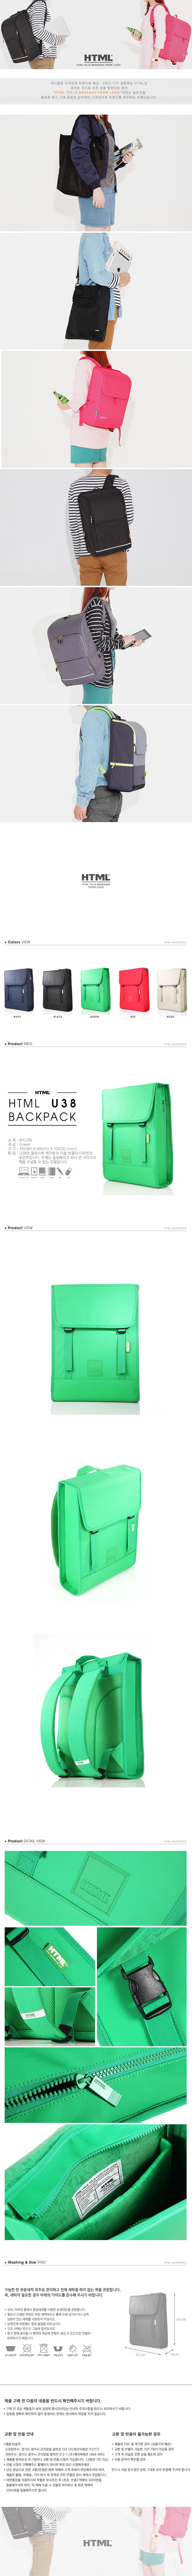 [에이치티엠엘]HTML - U38 backpack (Green)_인기백팩